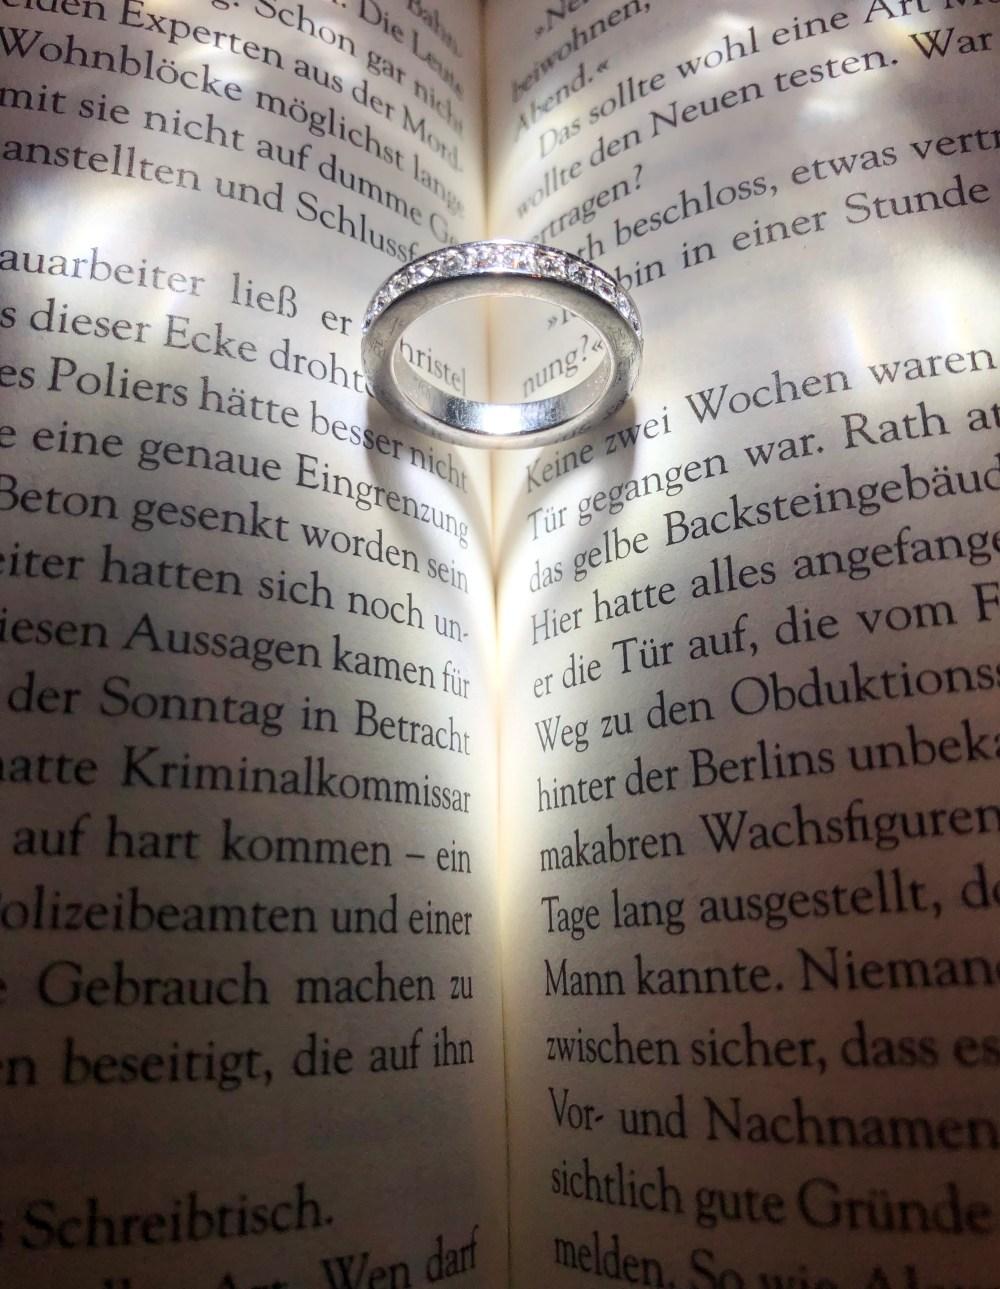 Ein Ring, dessen Schatten ein Herz auf das Buch wirft und ein bezauberndes Lichtspiel erzeugt